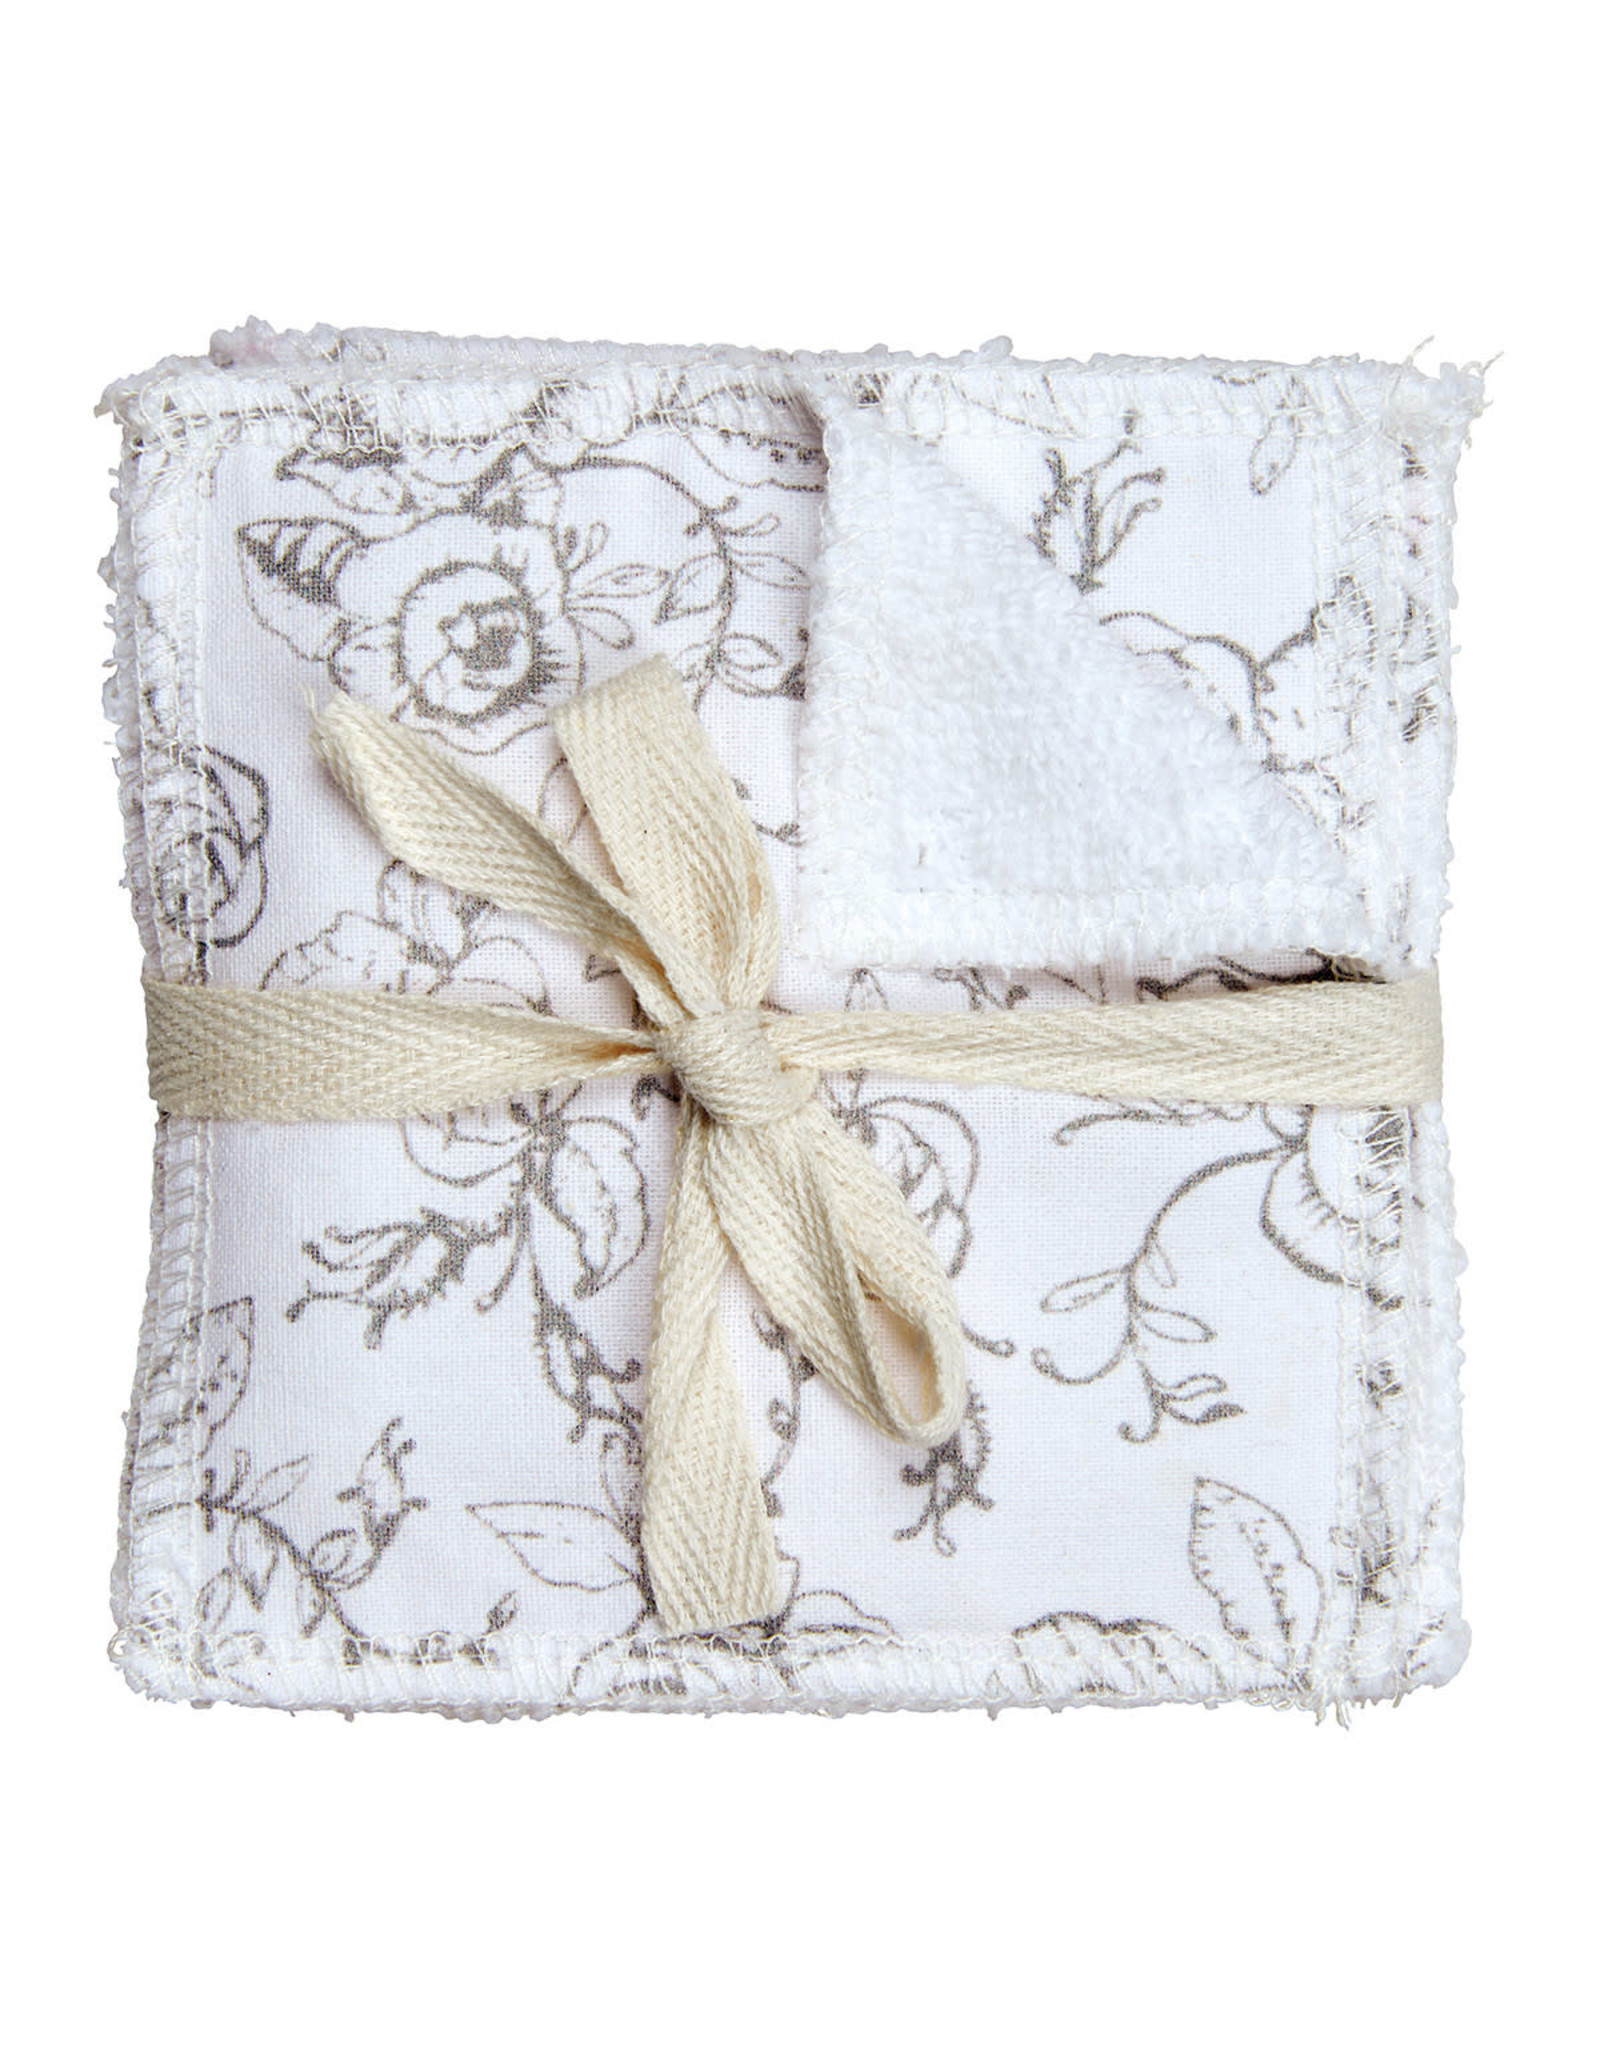 Mathilde M Marquise - Les Rituels Beauté Giftbox - Oiseau